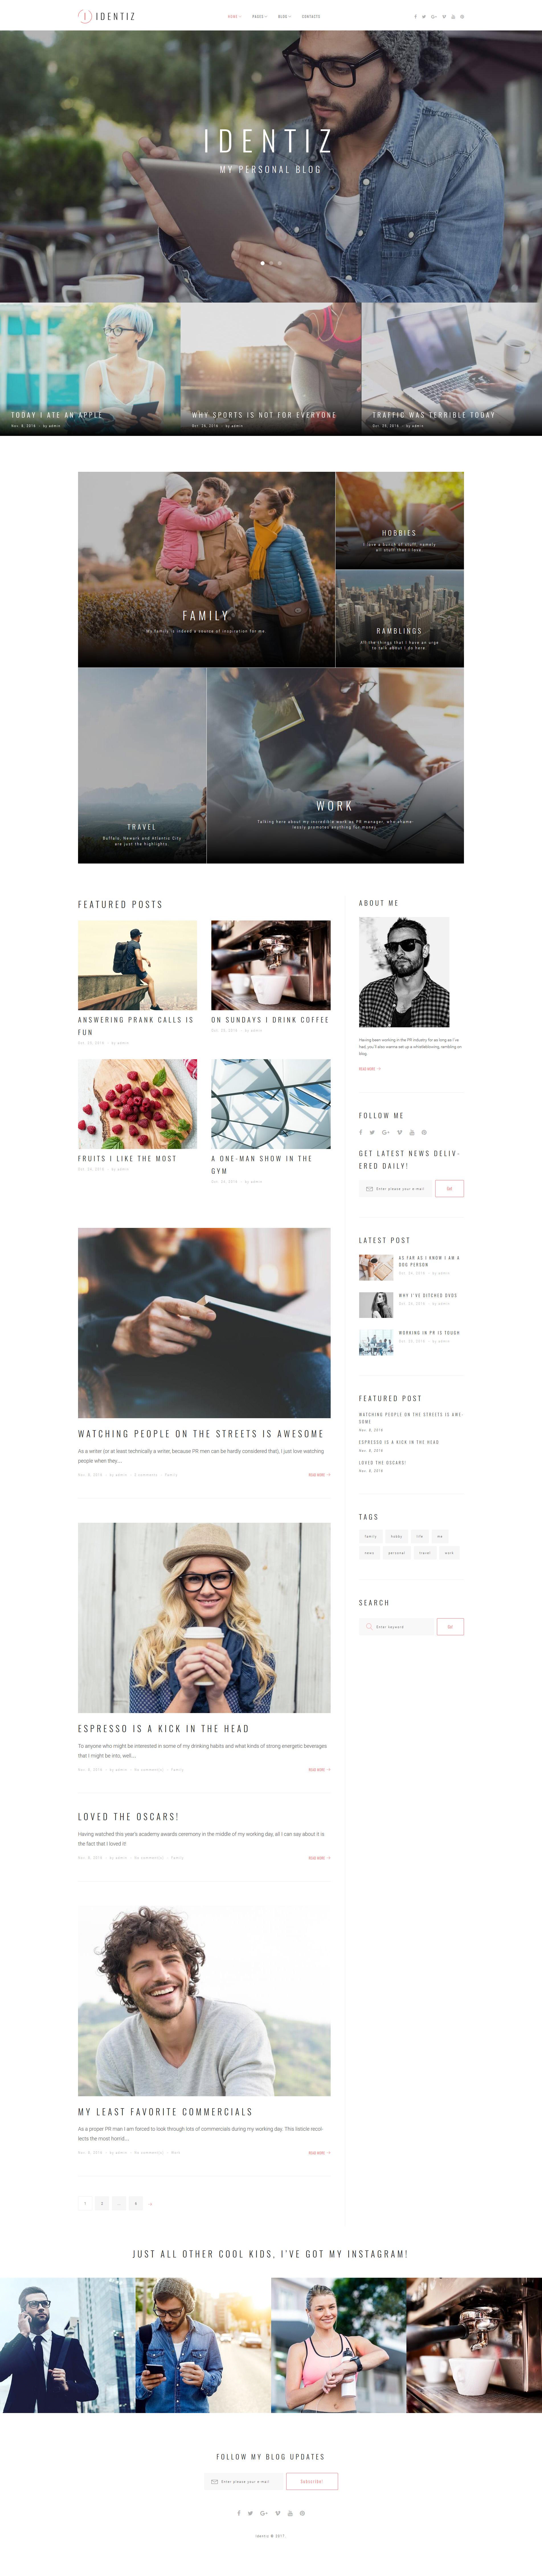 Reszponzív Identiz - Personal Blog WordPress sablon 63592 - képernyőkép